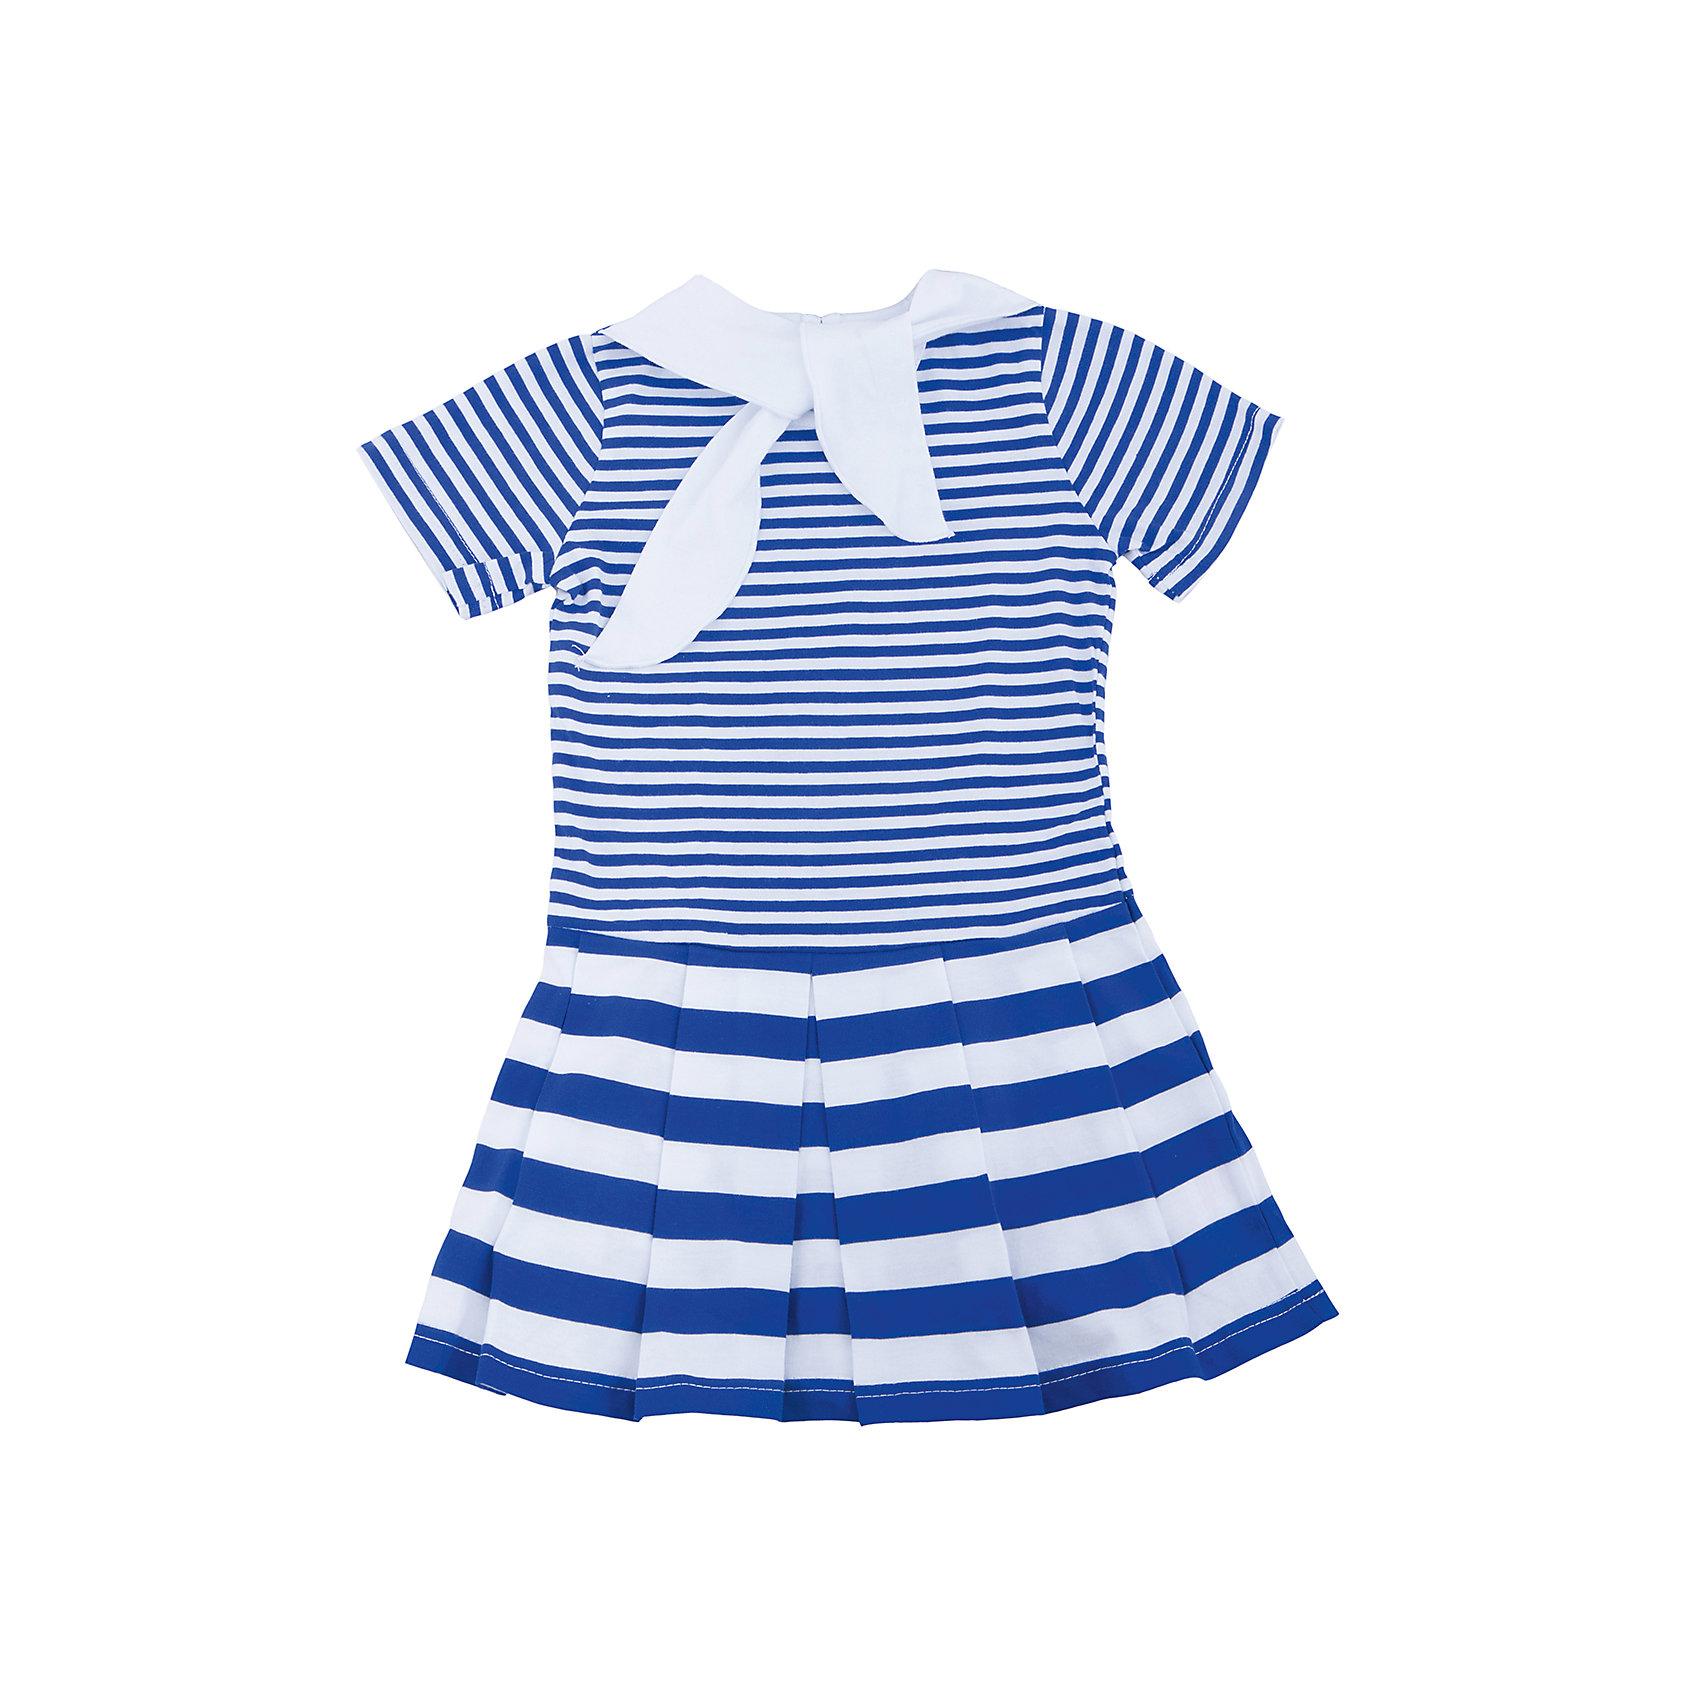 Платье для девочки АпрельПлатье для девочки от известного бренда Апрель.<br><br>Состав:<br>хлопок 100%<br><br>Ширина мм: 236<br>Глубина мм: 16<br>Высота мм: 184<br>Вес г: 177<br>Цвет: синий<br>Возраст от месяцев: 24<br>Возраст до месяцев: 36<br>Пол: Женский<br>Возраст: Детский<br>Размер: 98,92<br>SKU: 5438509